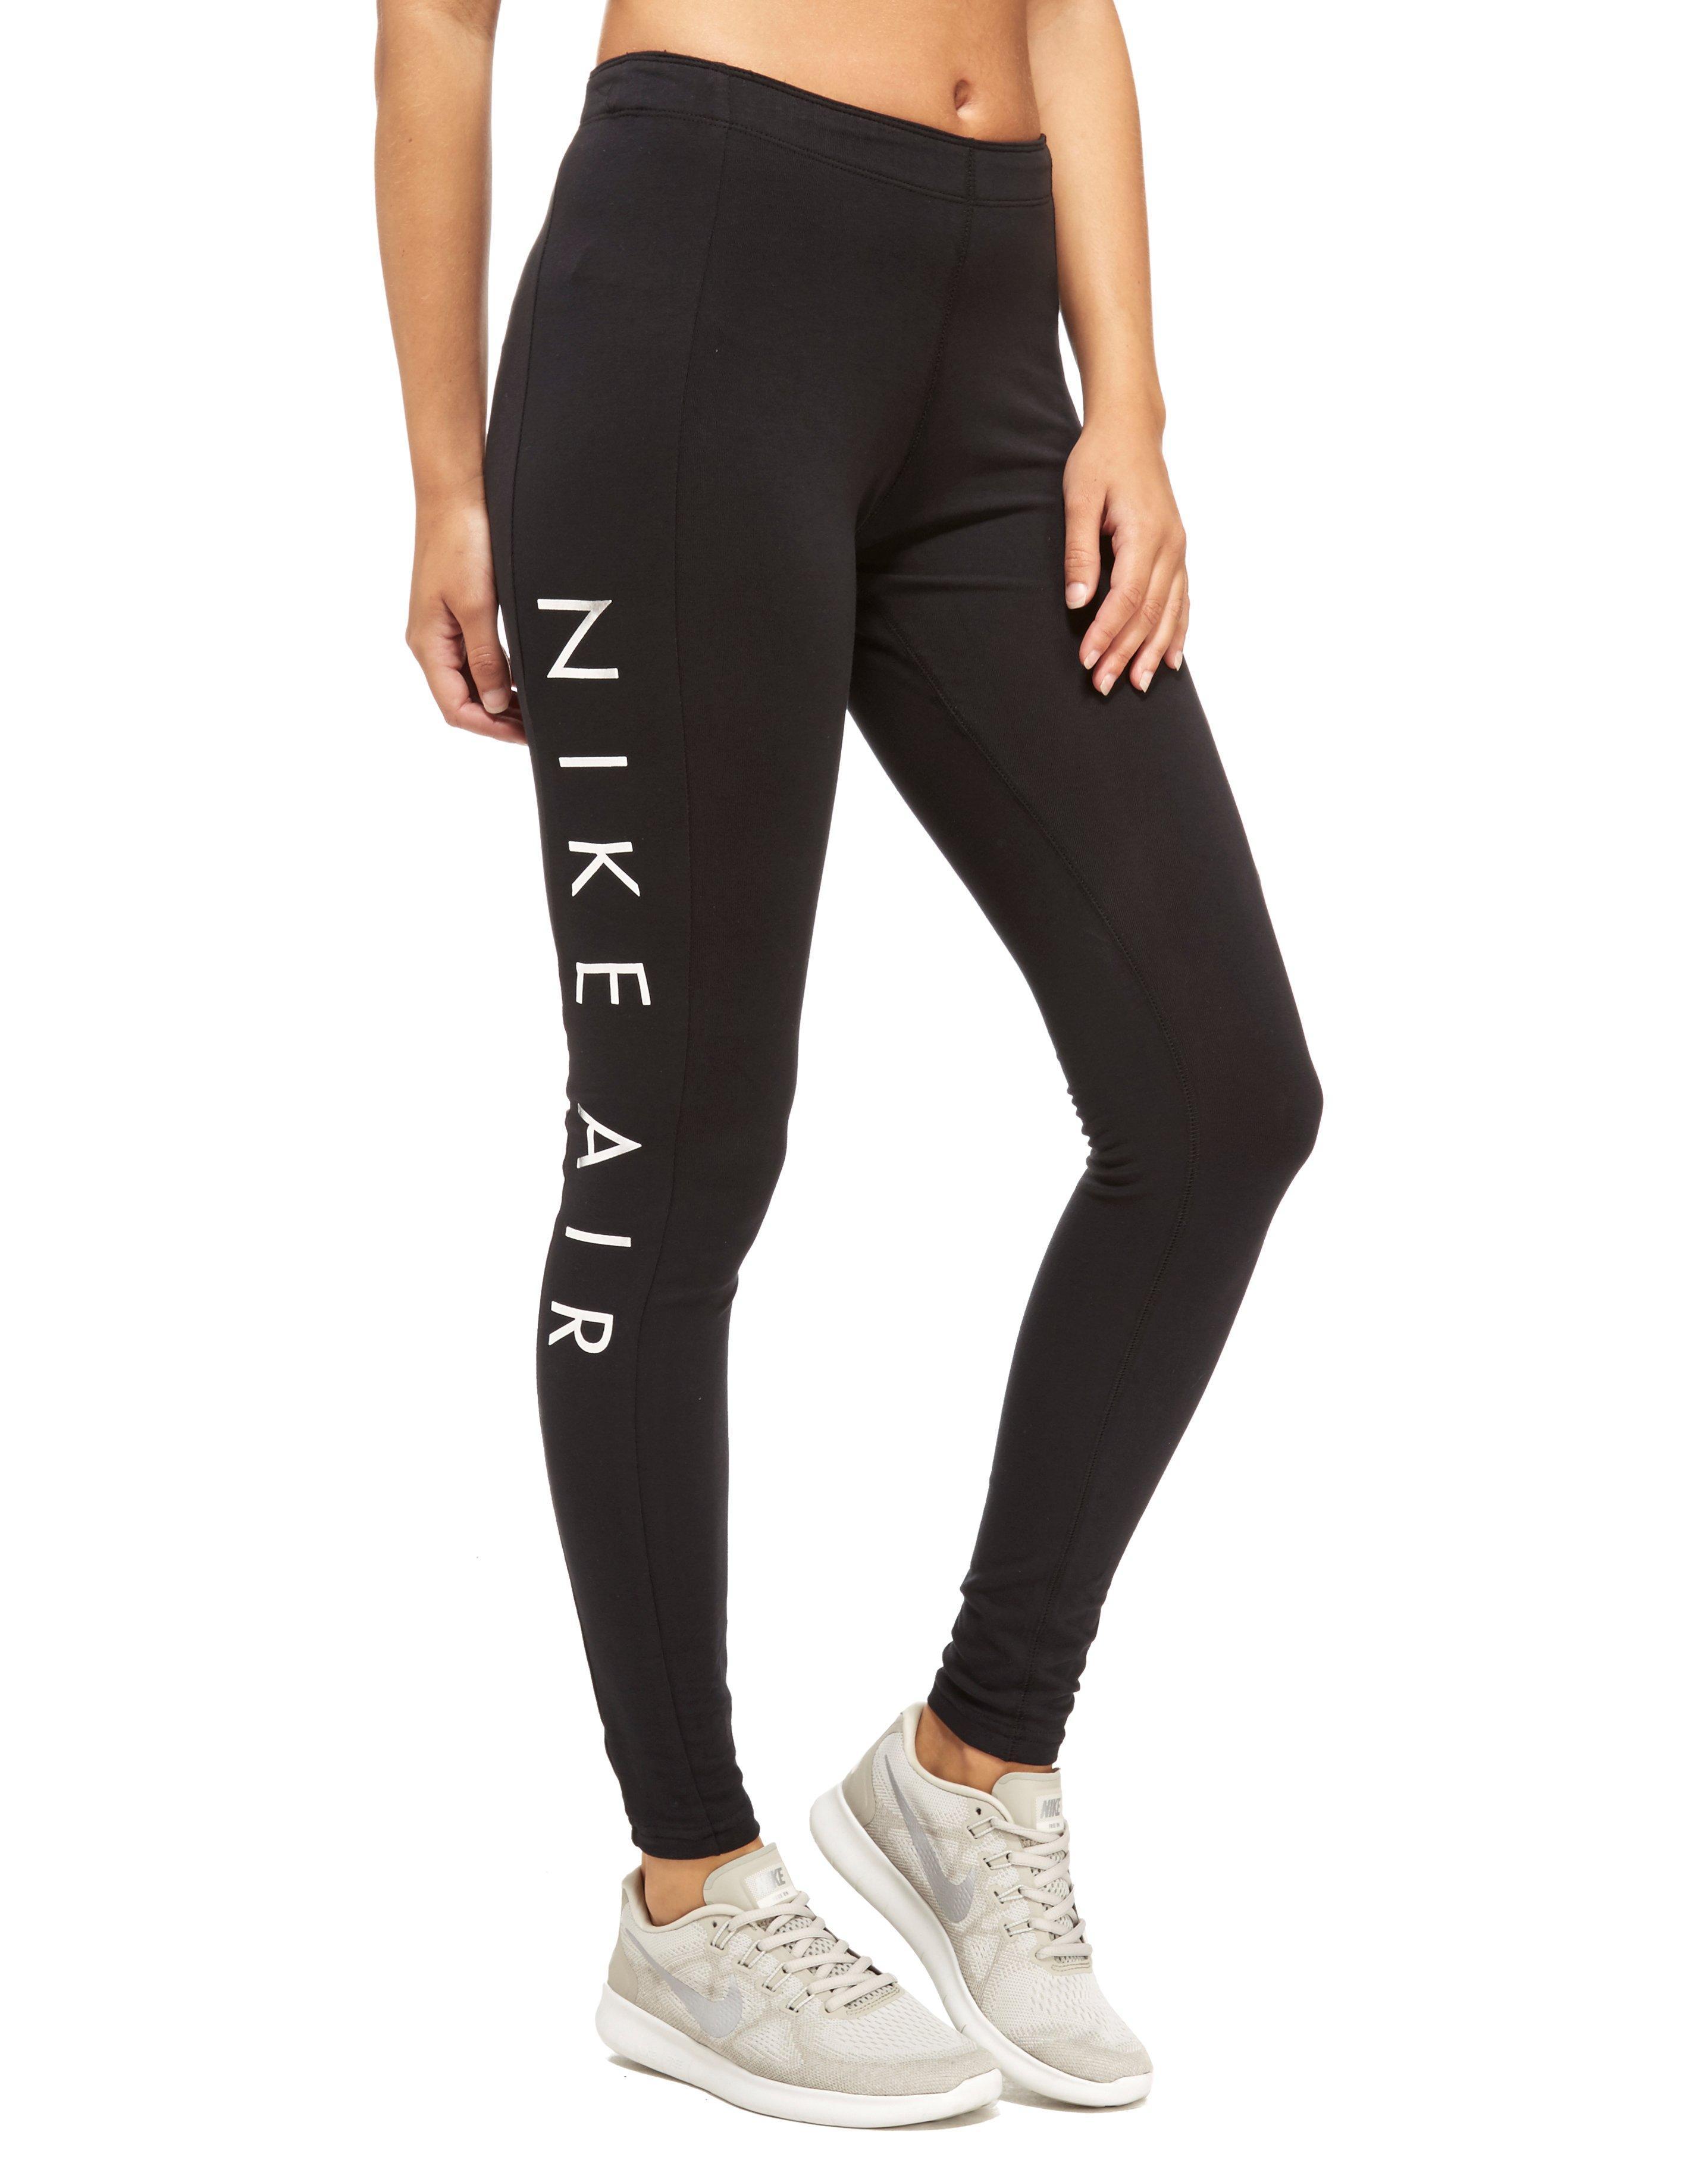 nike femme legging,Nike